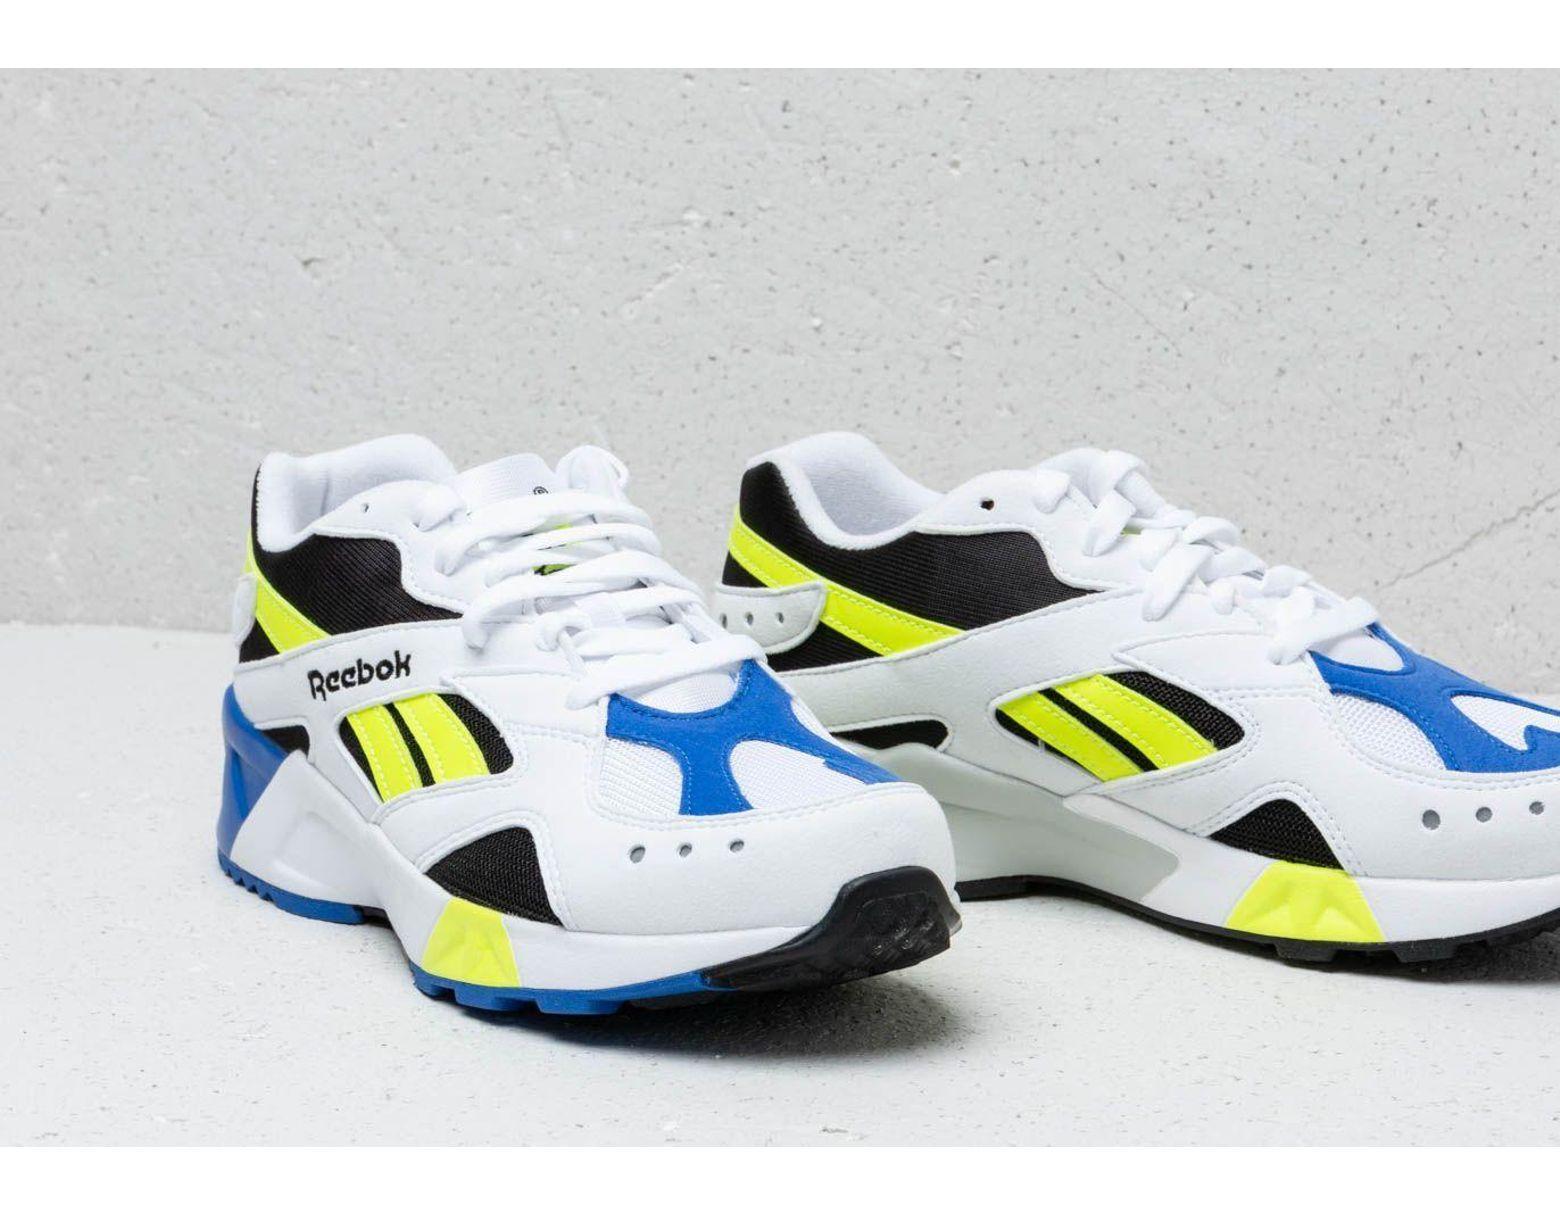 8a490da9b45 Reebok Reebok Aztrek White/ Black/ Cobalt/ Yellow in White - Lyst